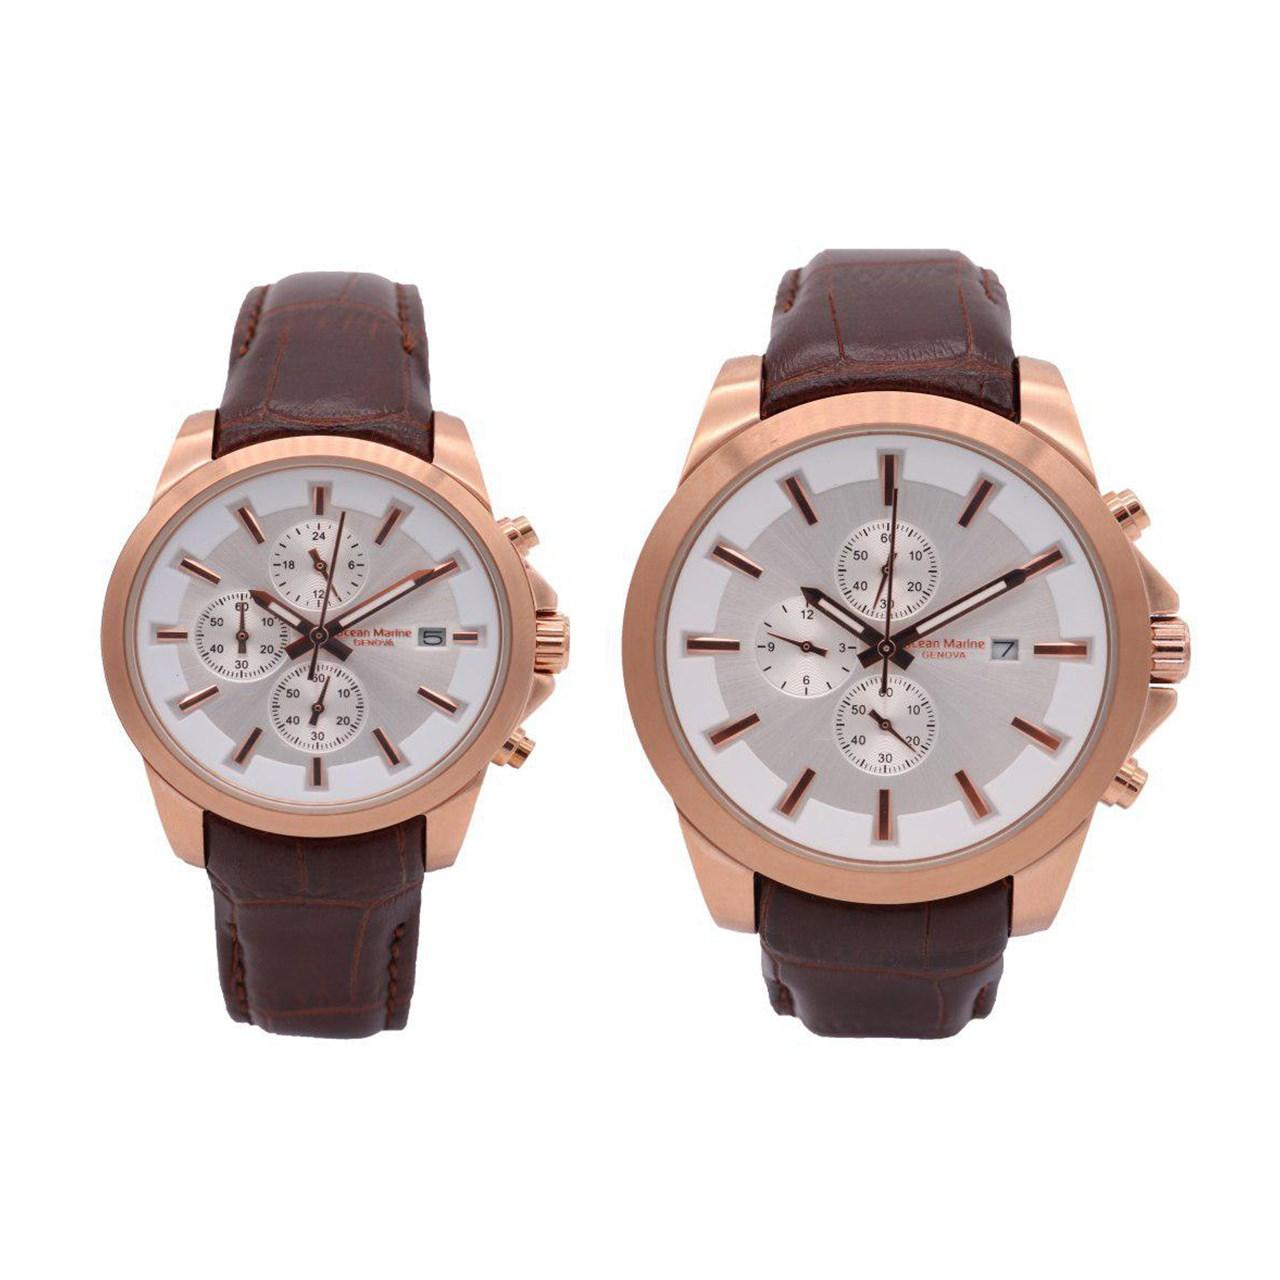 ساعت ست مردانه و زنانه اوشن مارین مدل OM-8104L-2 و OM-8104G-2